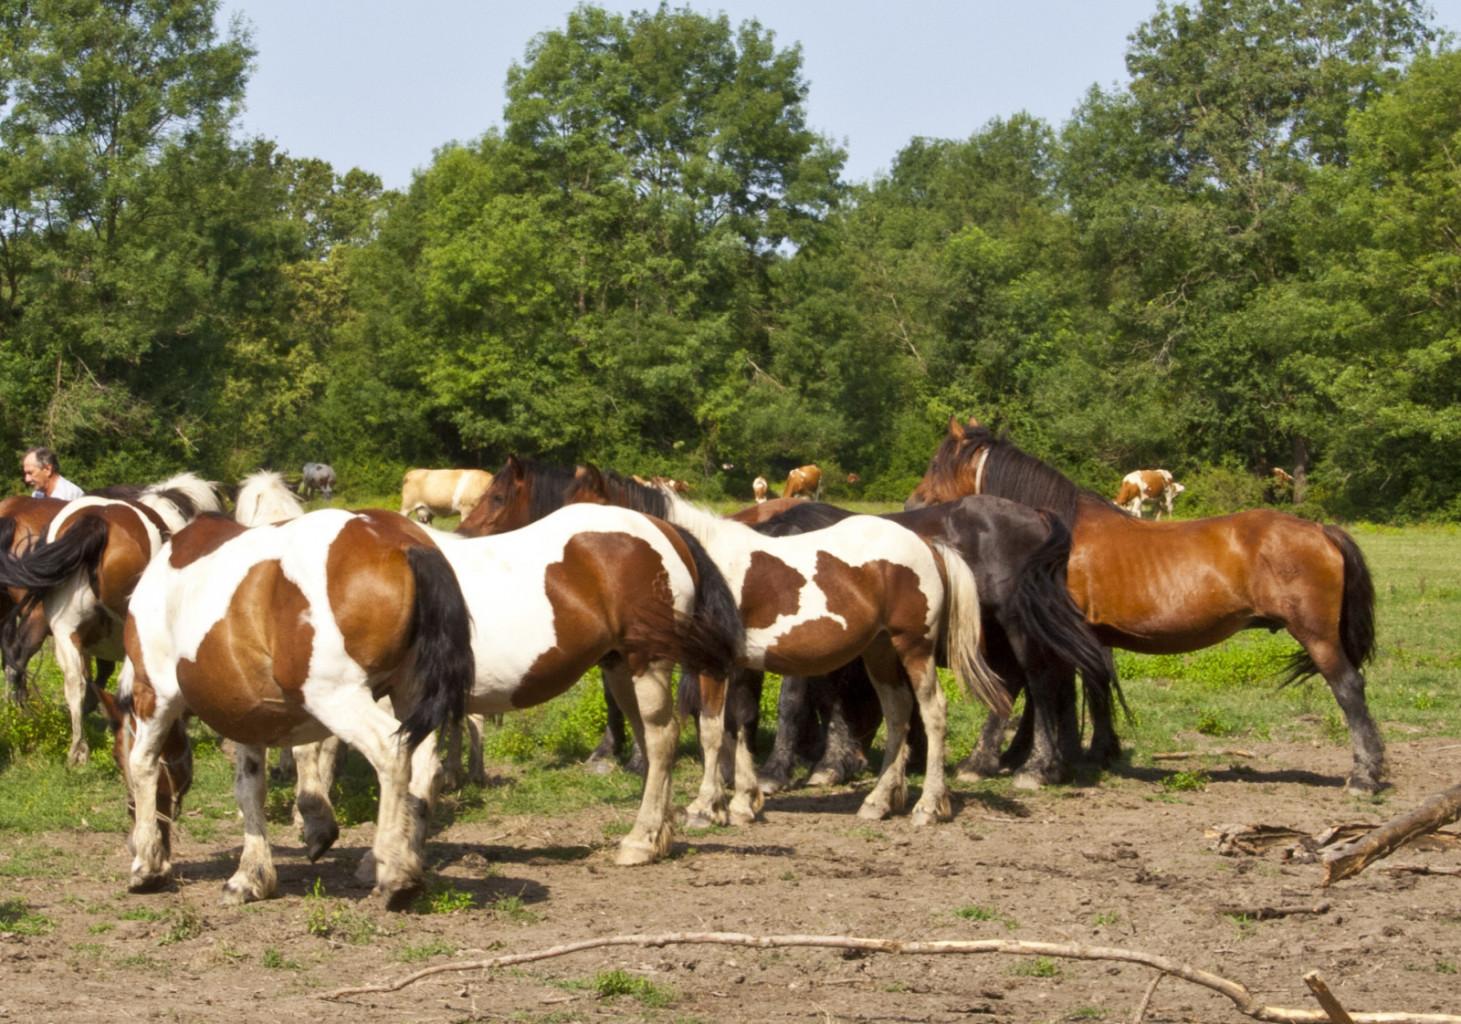 Lisavost je dominantna lastnost, ki se hitro razširi v populaciji konj.